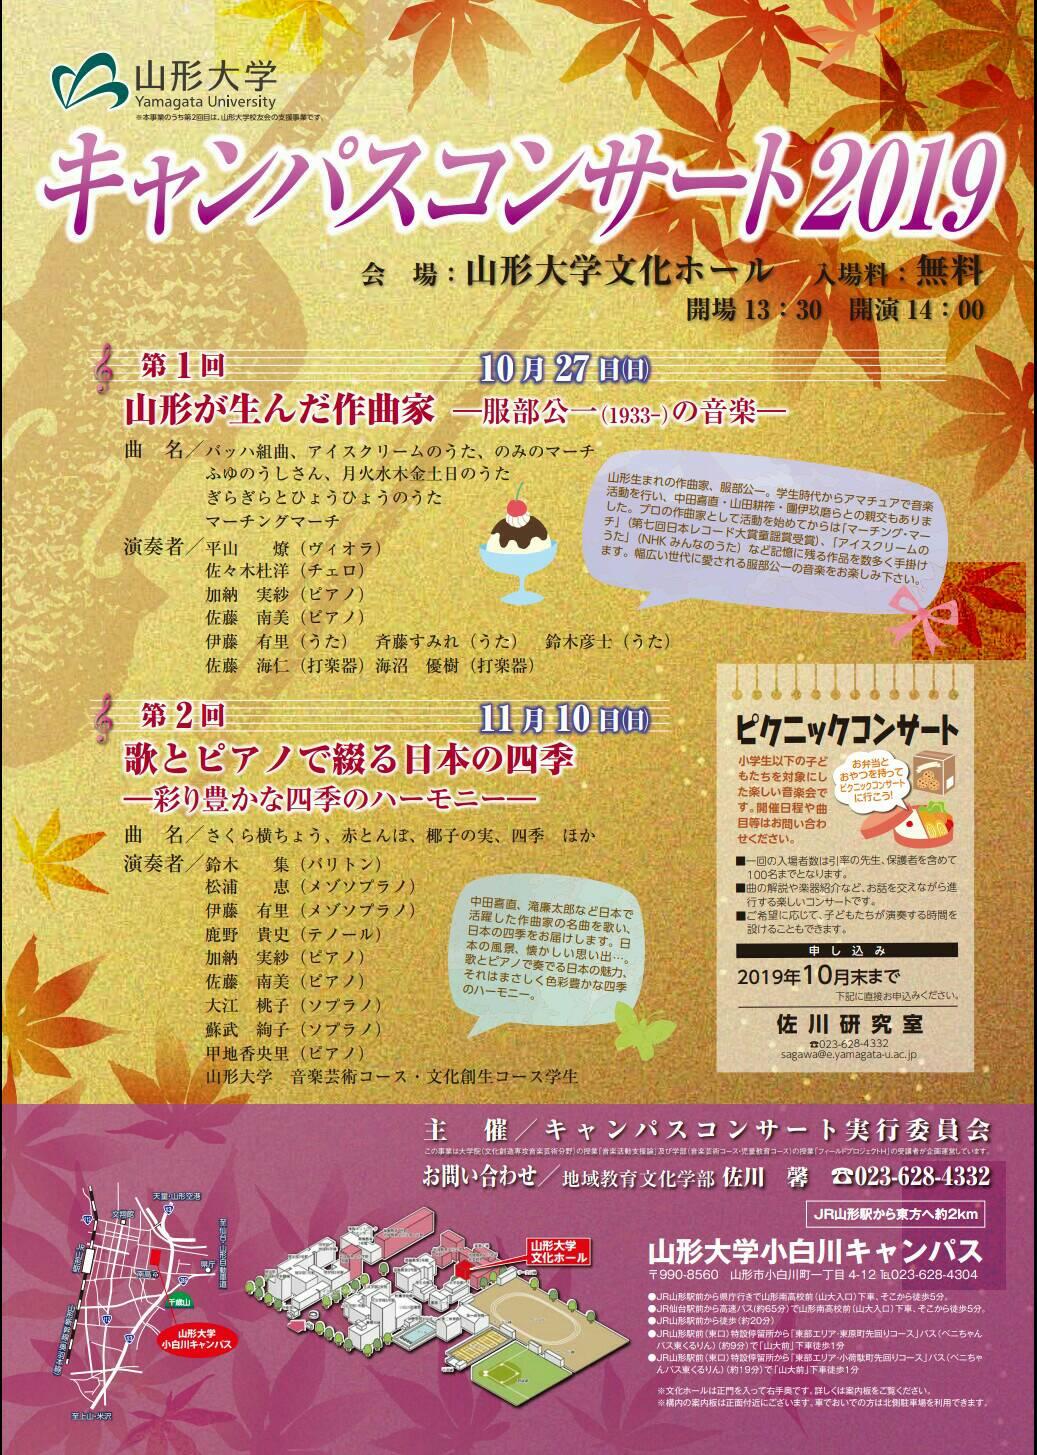 山形大学 キャンパスコンサート2019